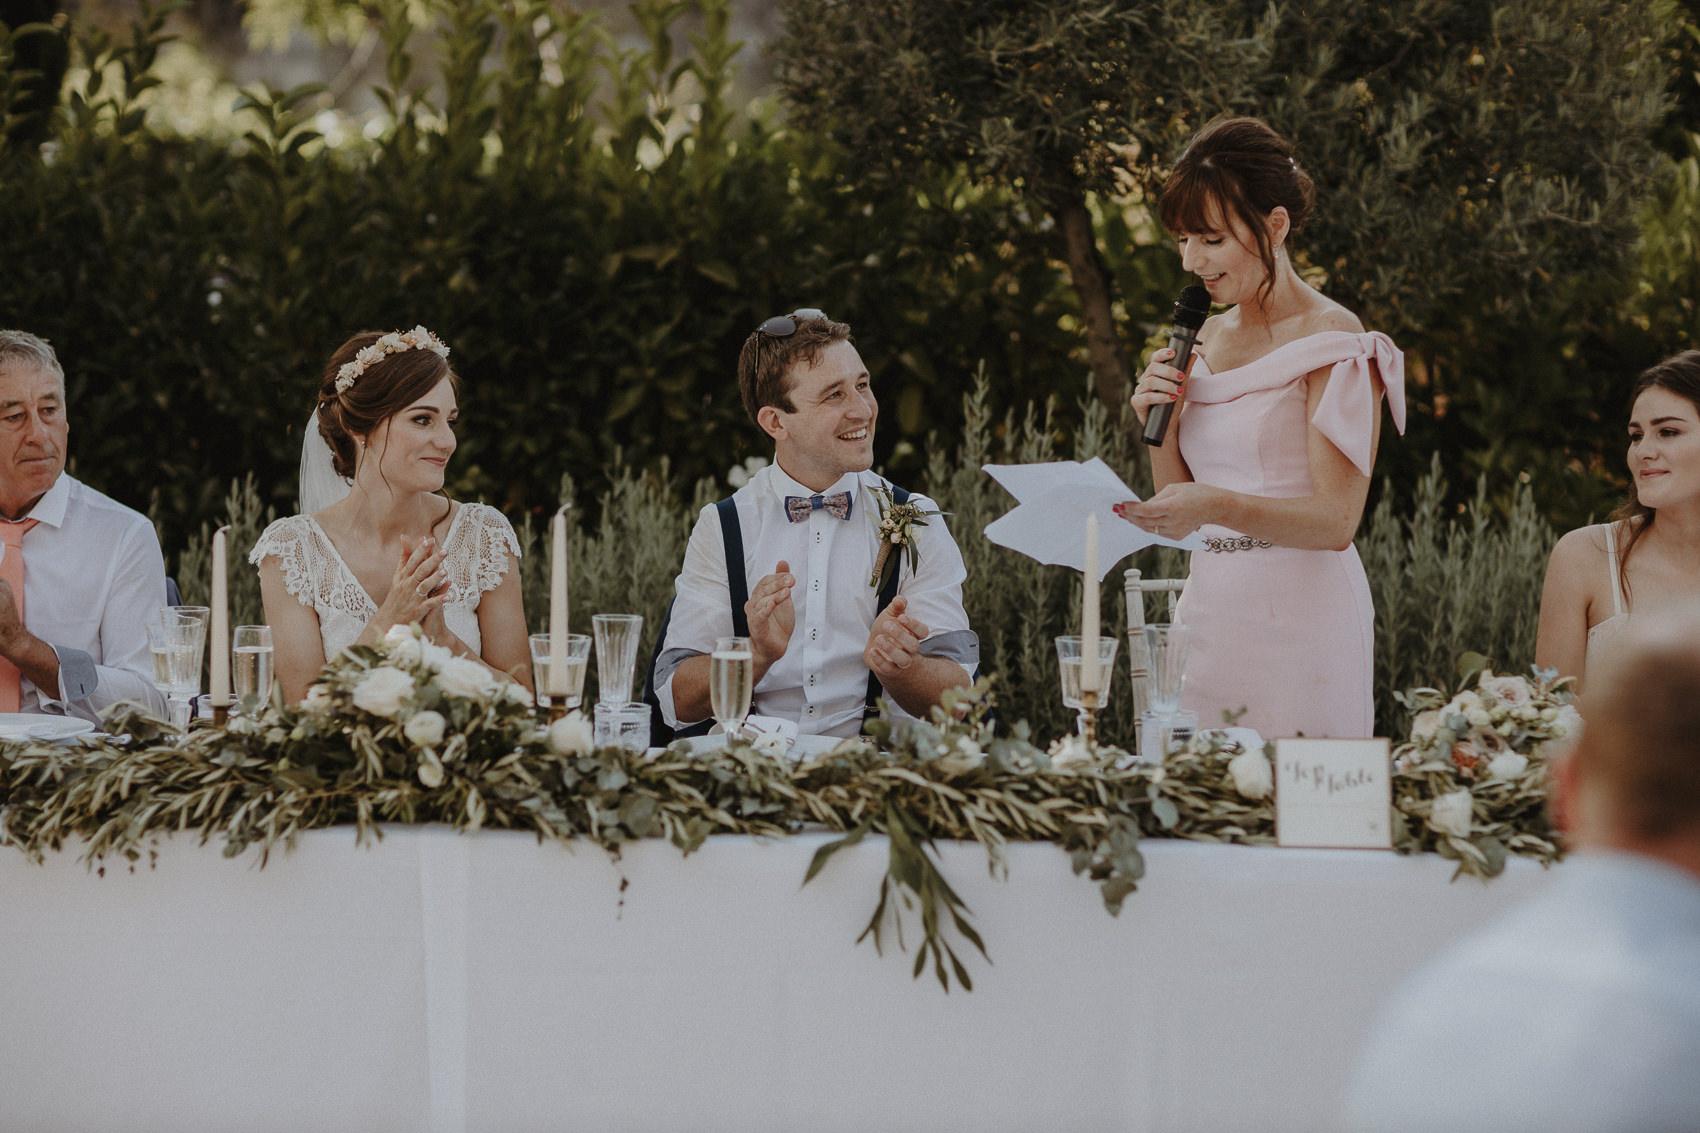 Sarah & Bill | Summer wedding at Cortijo Rosa Blanca | Marbella - Spain 122